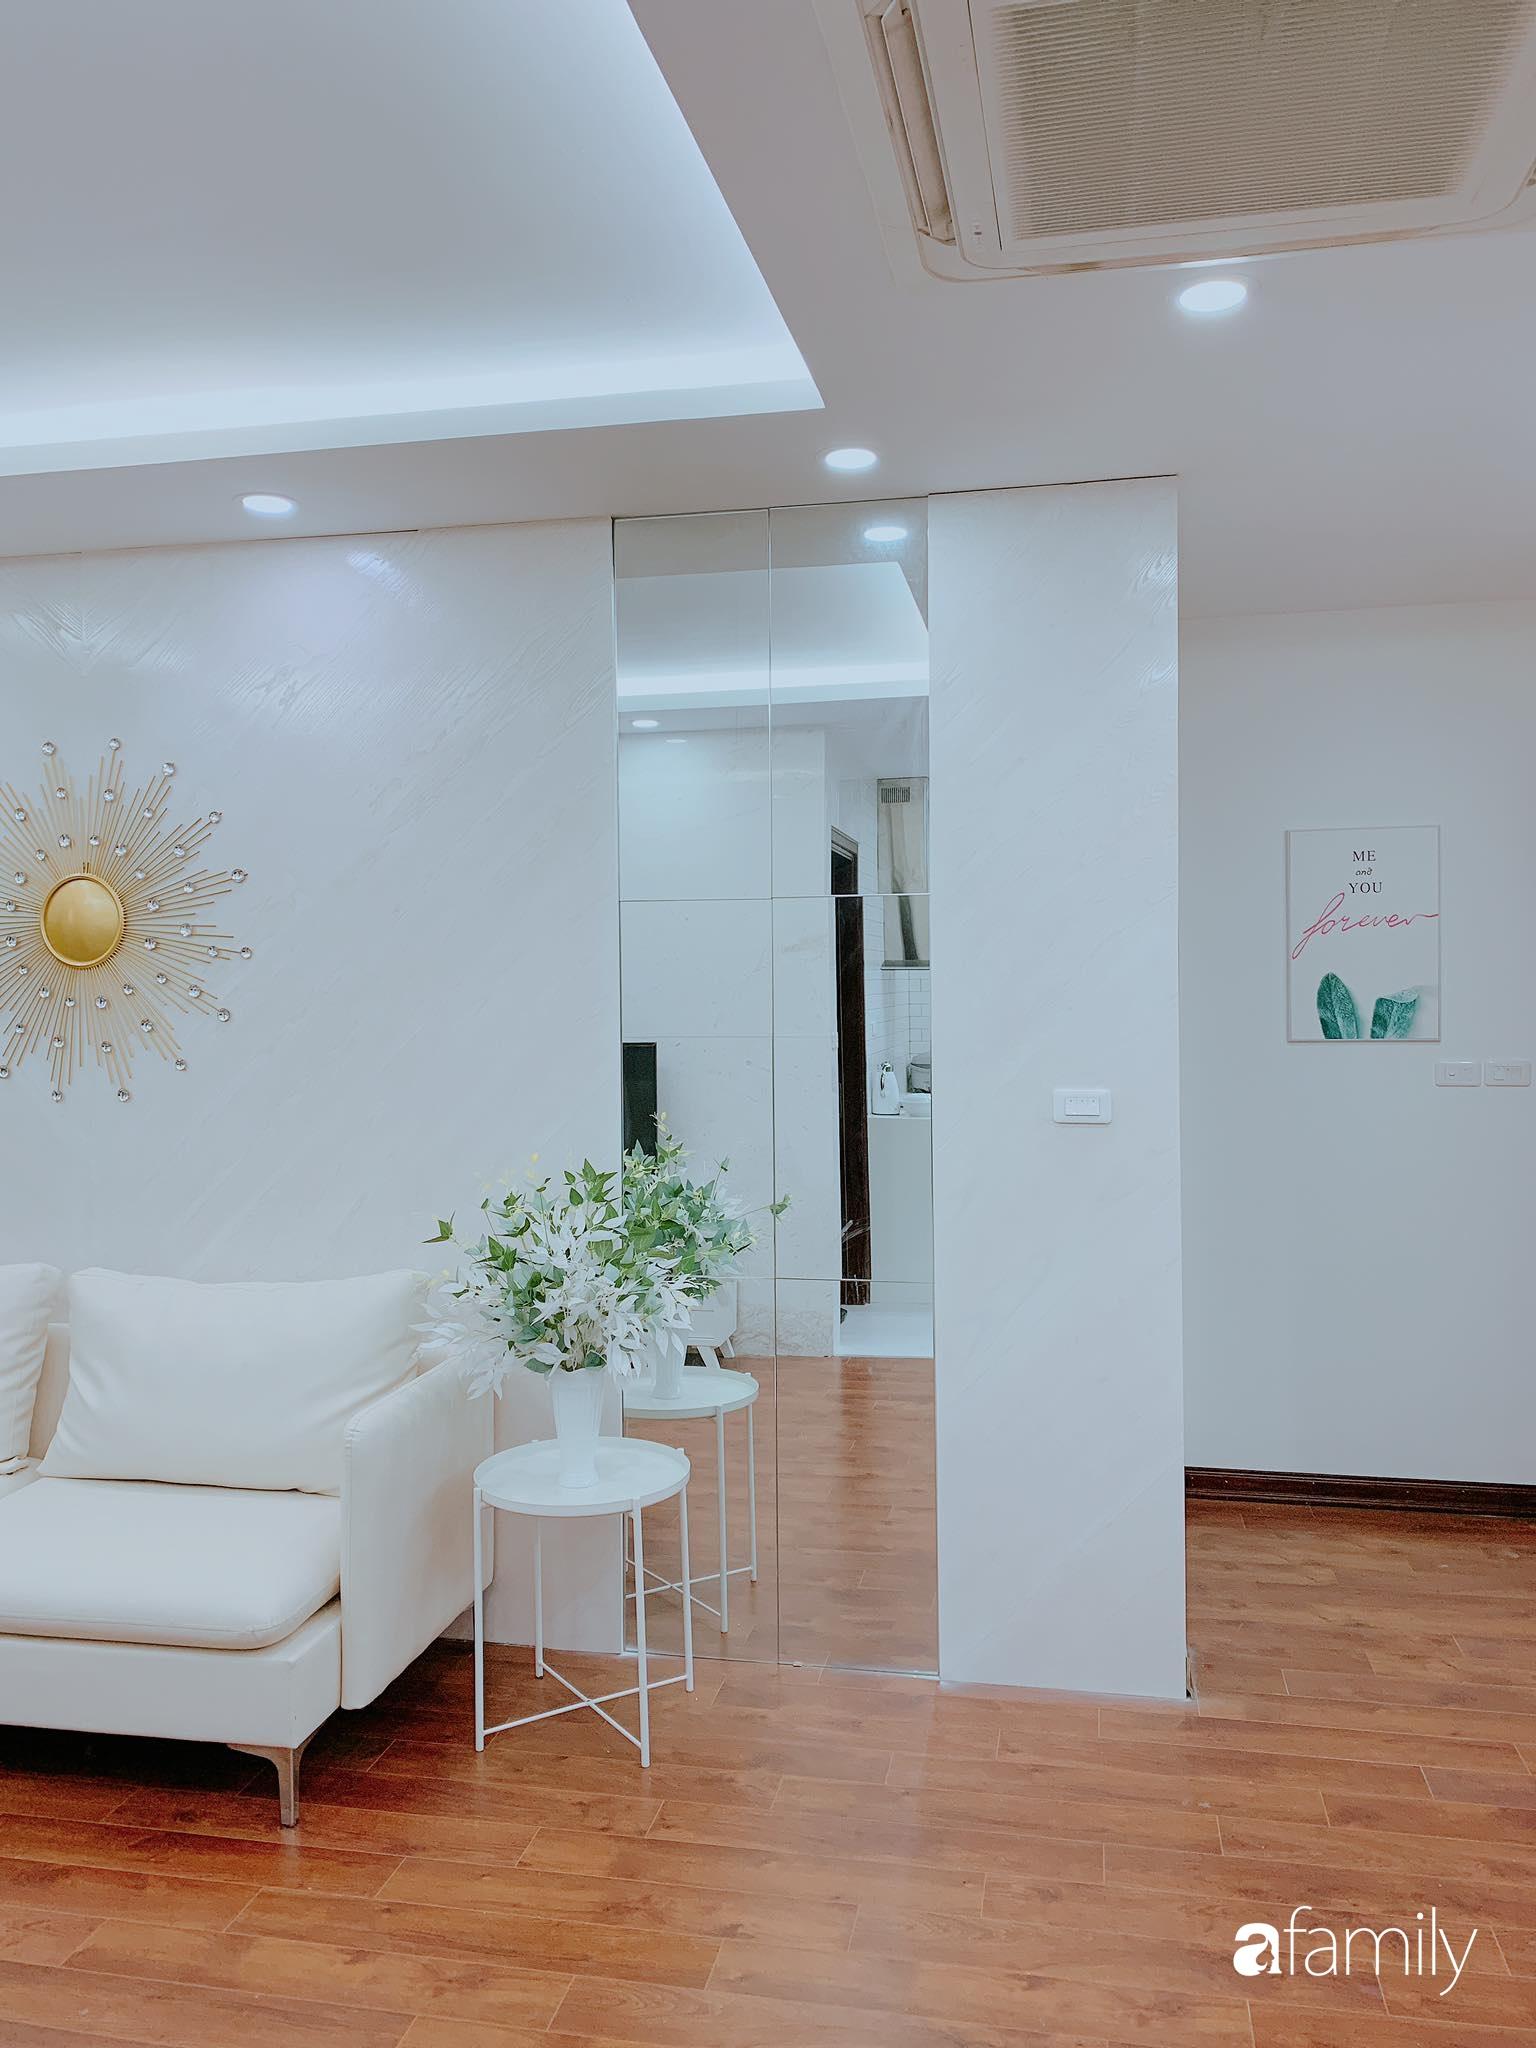 Căn hộ 90m² như được nhân đôi không gian nhờ cách decor khéo léo với màu trắng - ghi ở Hà Nội - Ảnh 5.